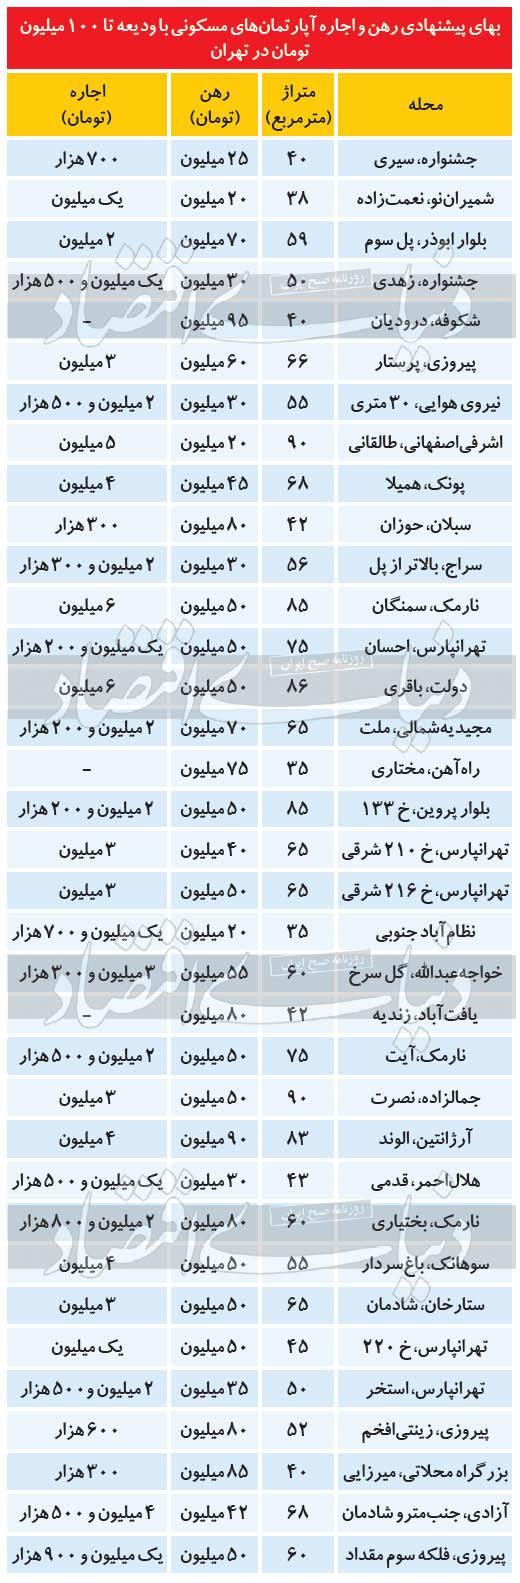 اجاره بها درتهران,اخبار اقتصادی,خبرهای اقتصادی,مسکن و عمران